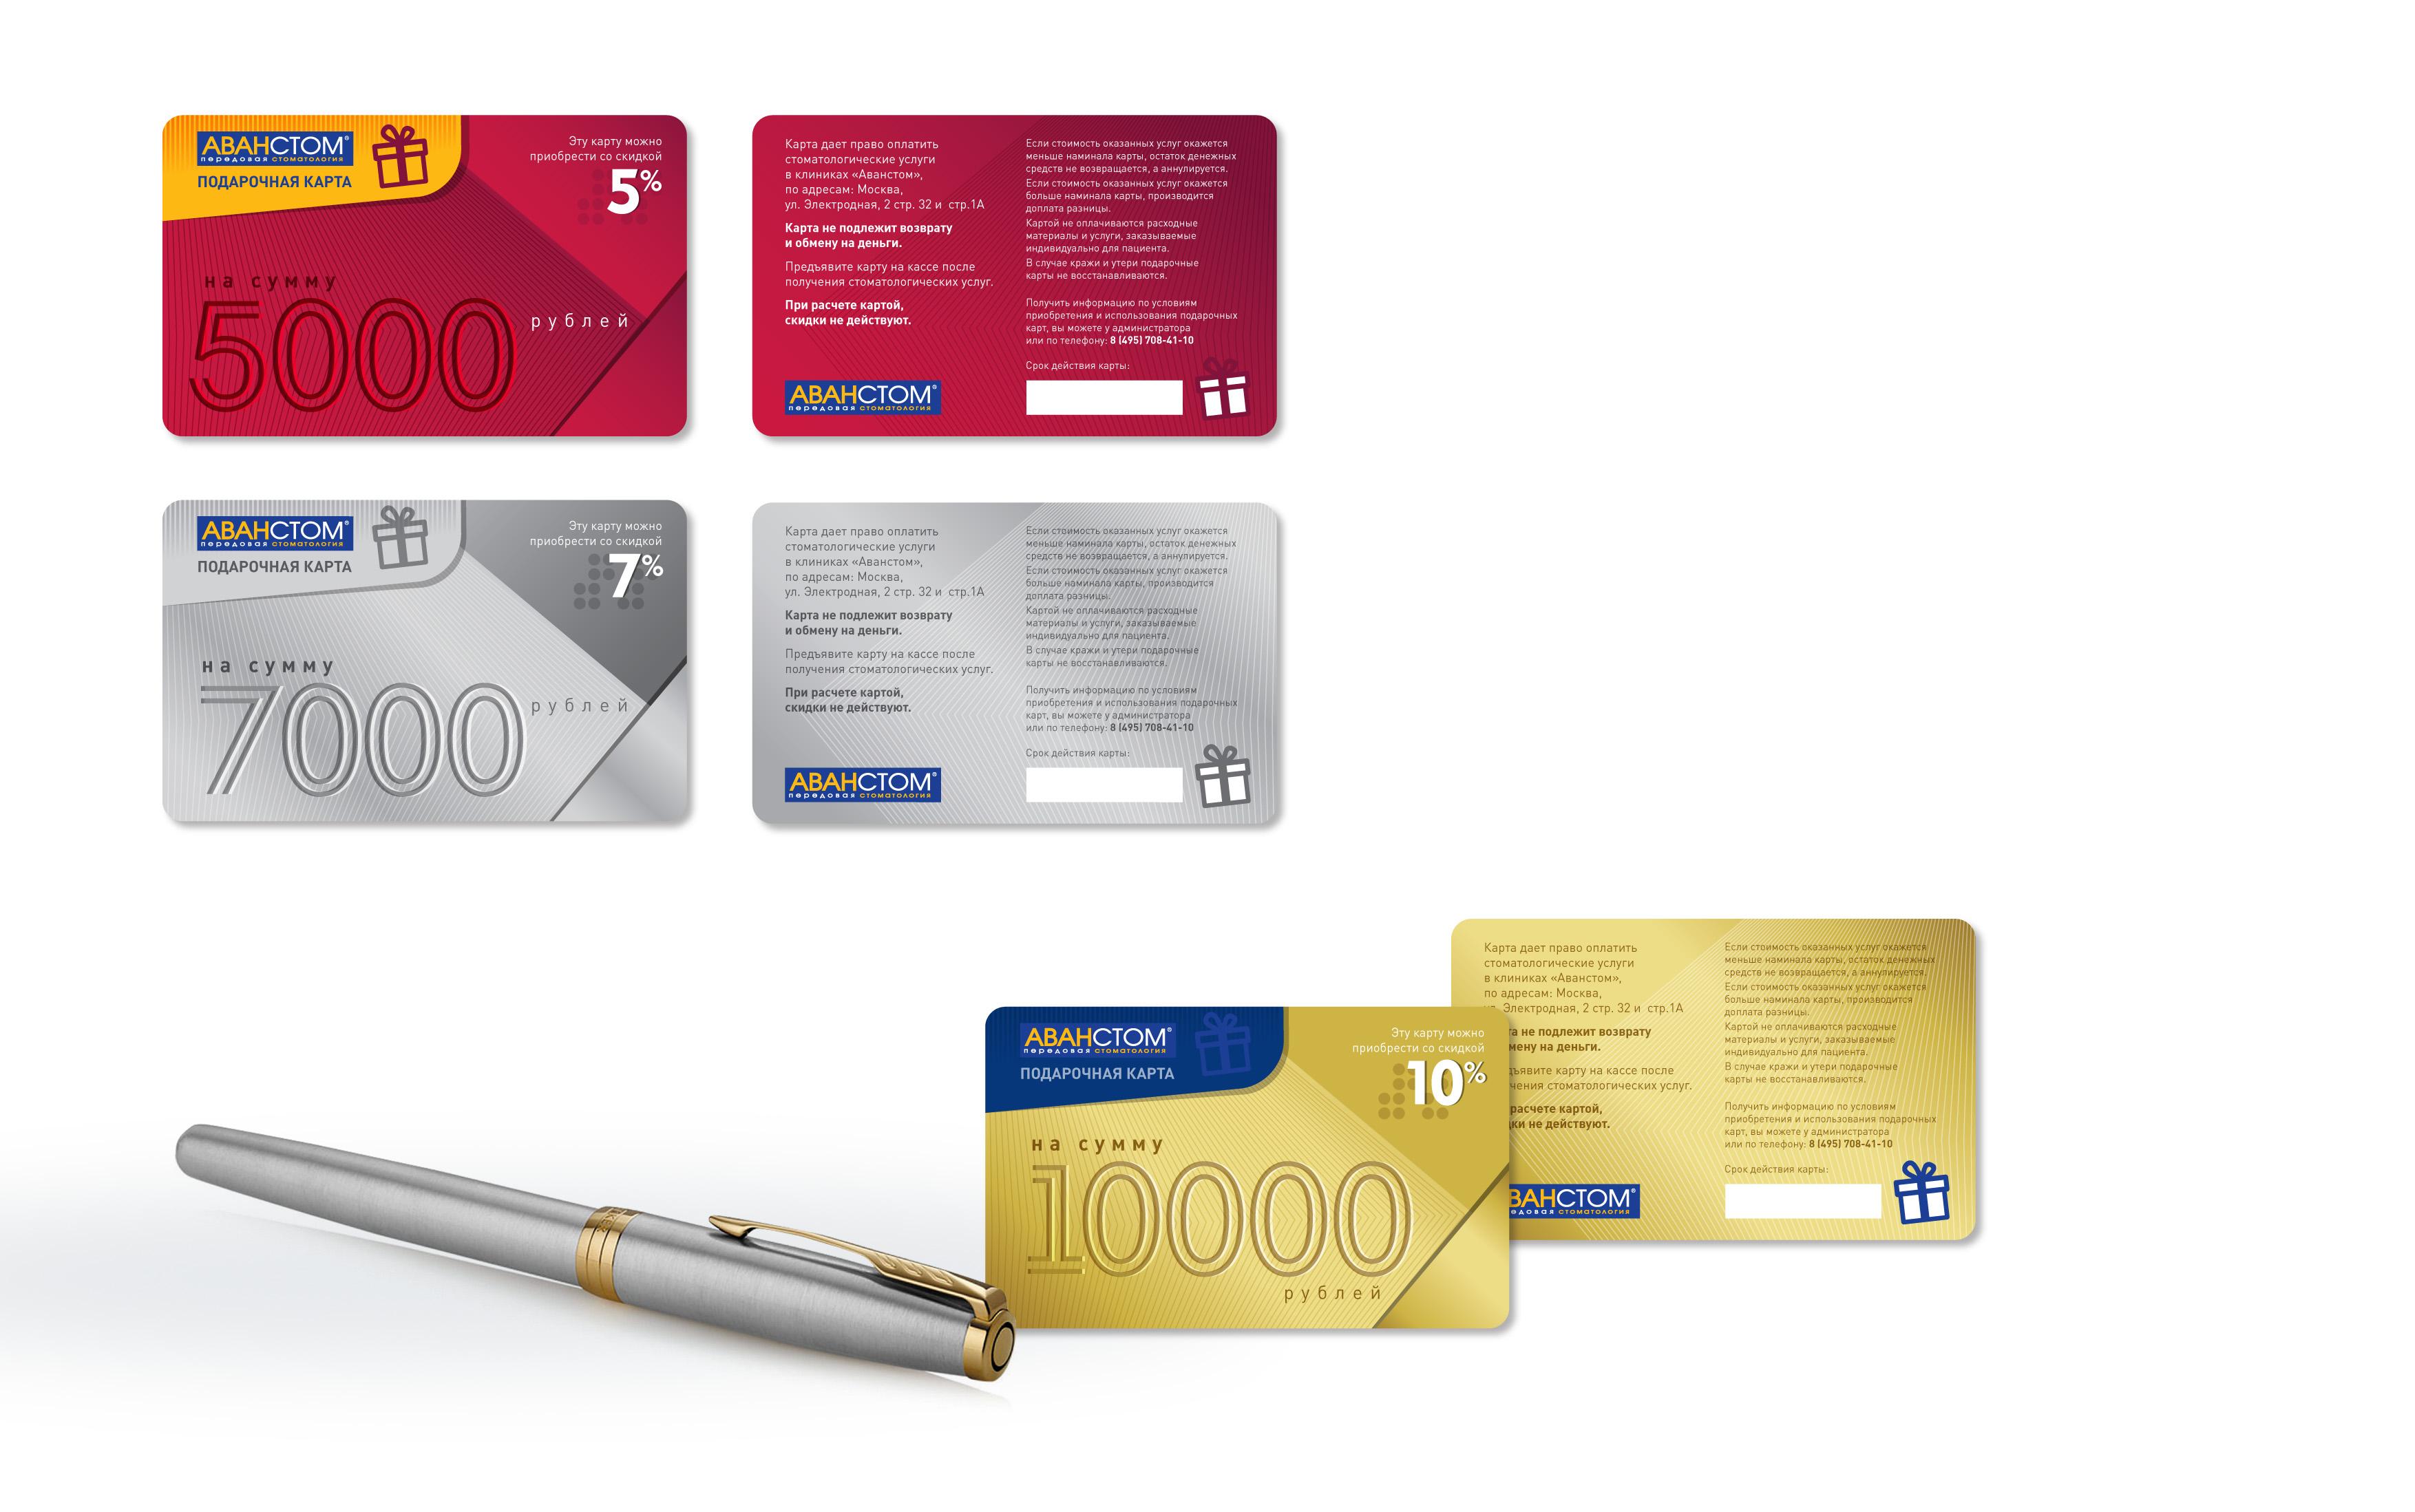 Дизайн подарочных карт для компании АВАНСТОМ